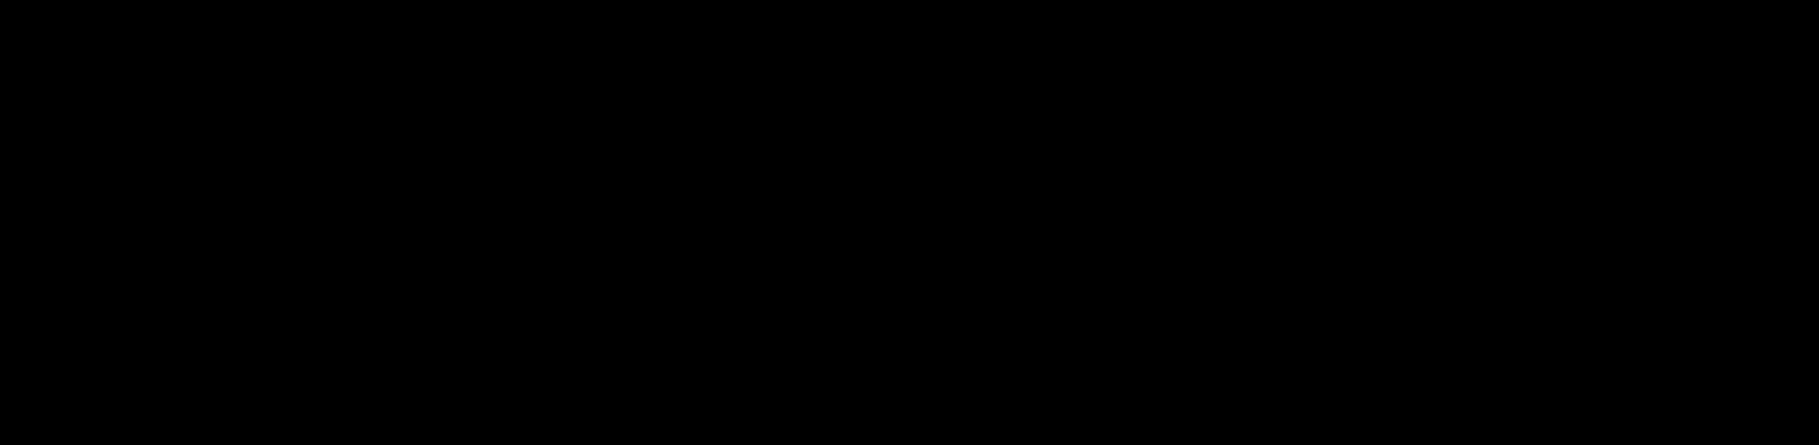 Handelspuben